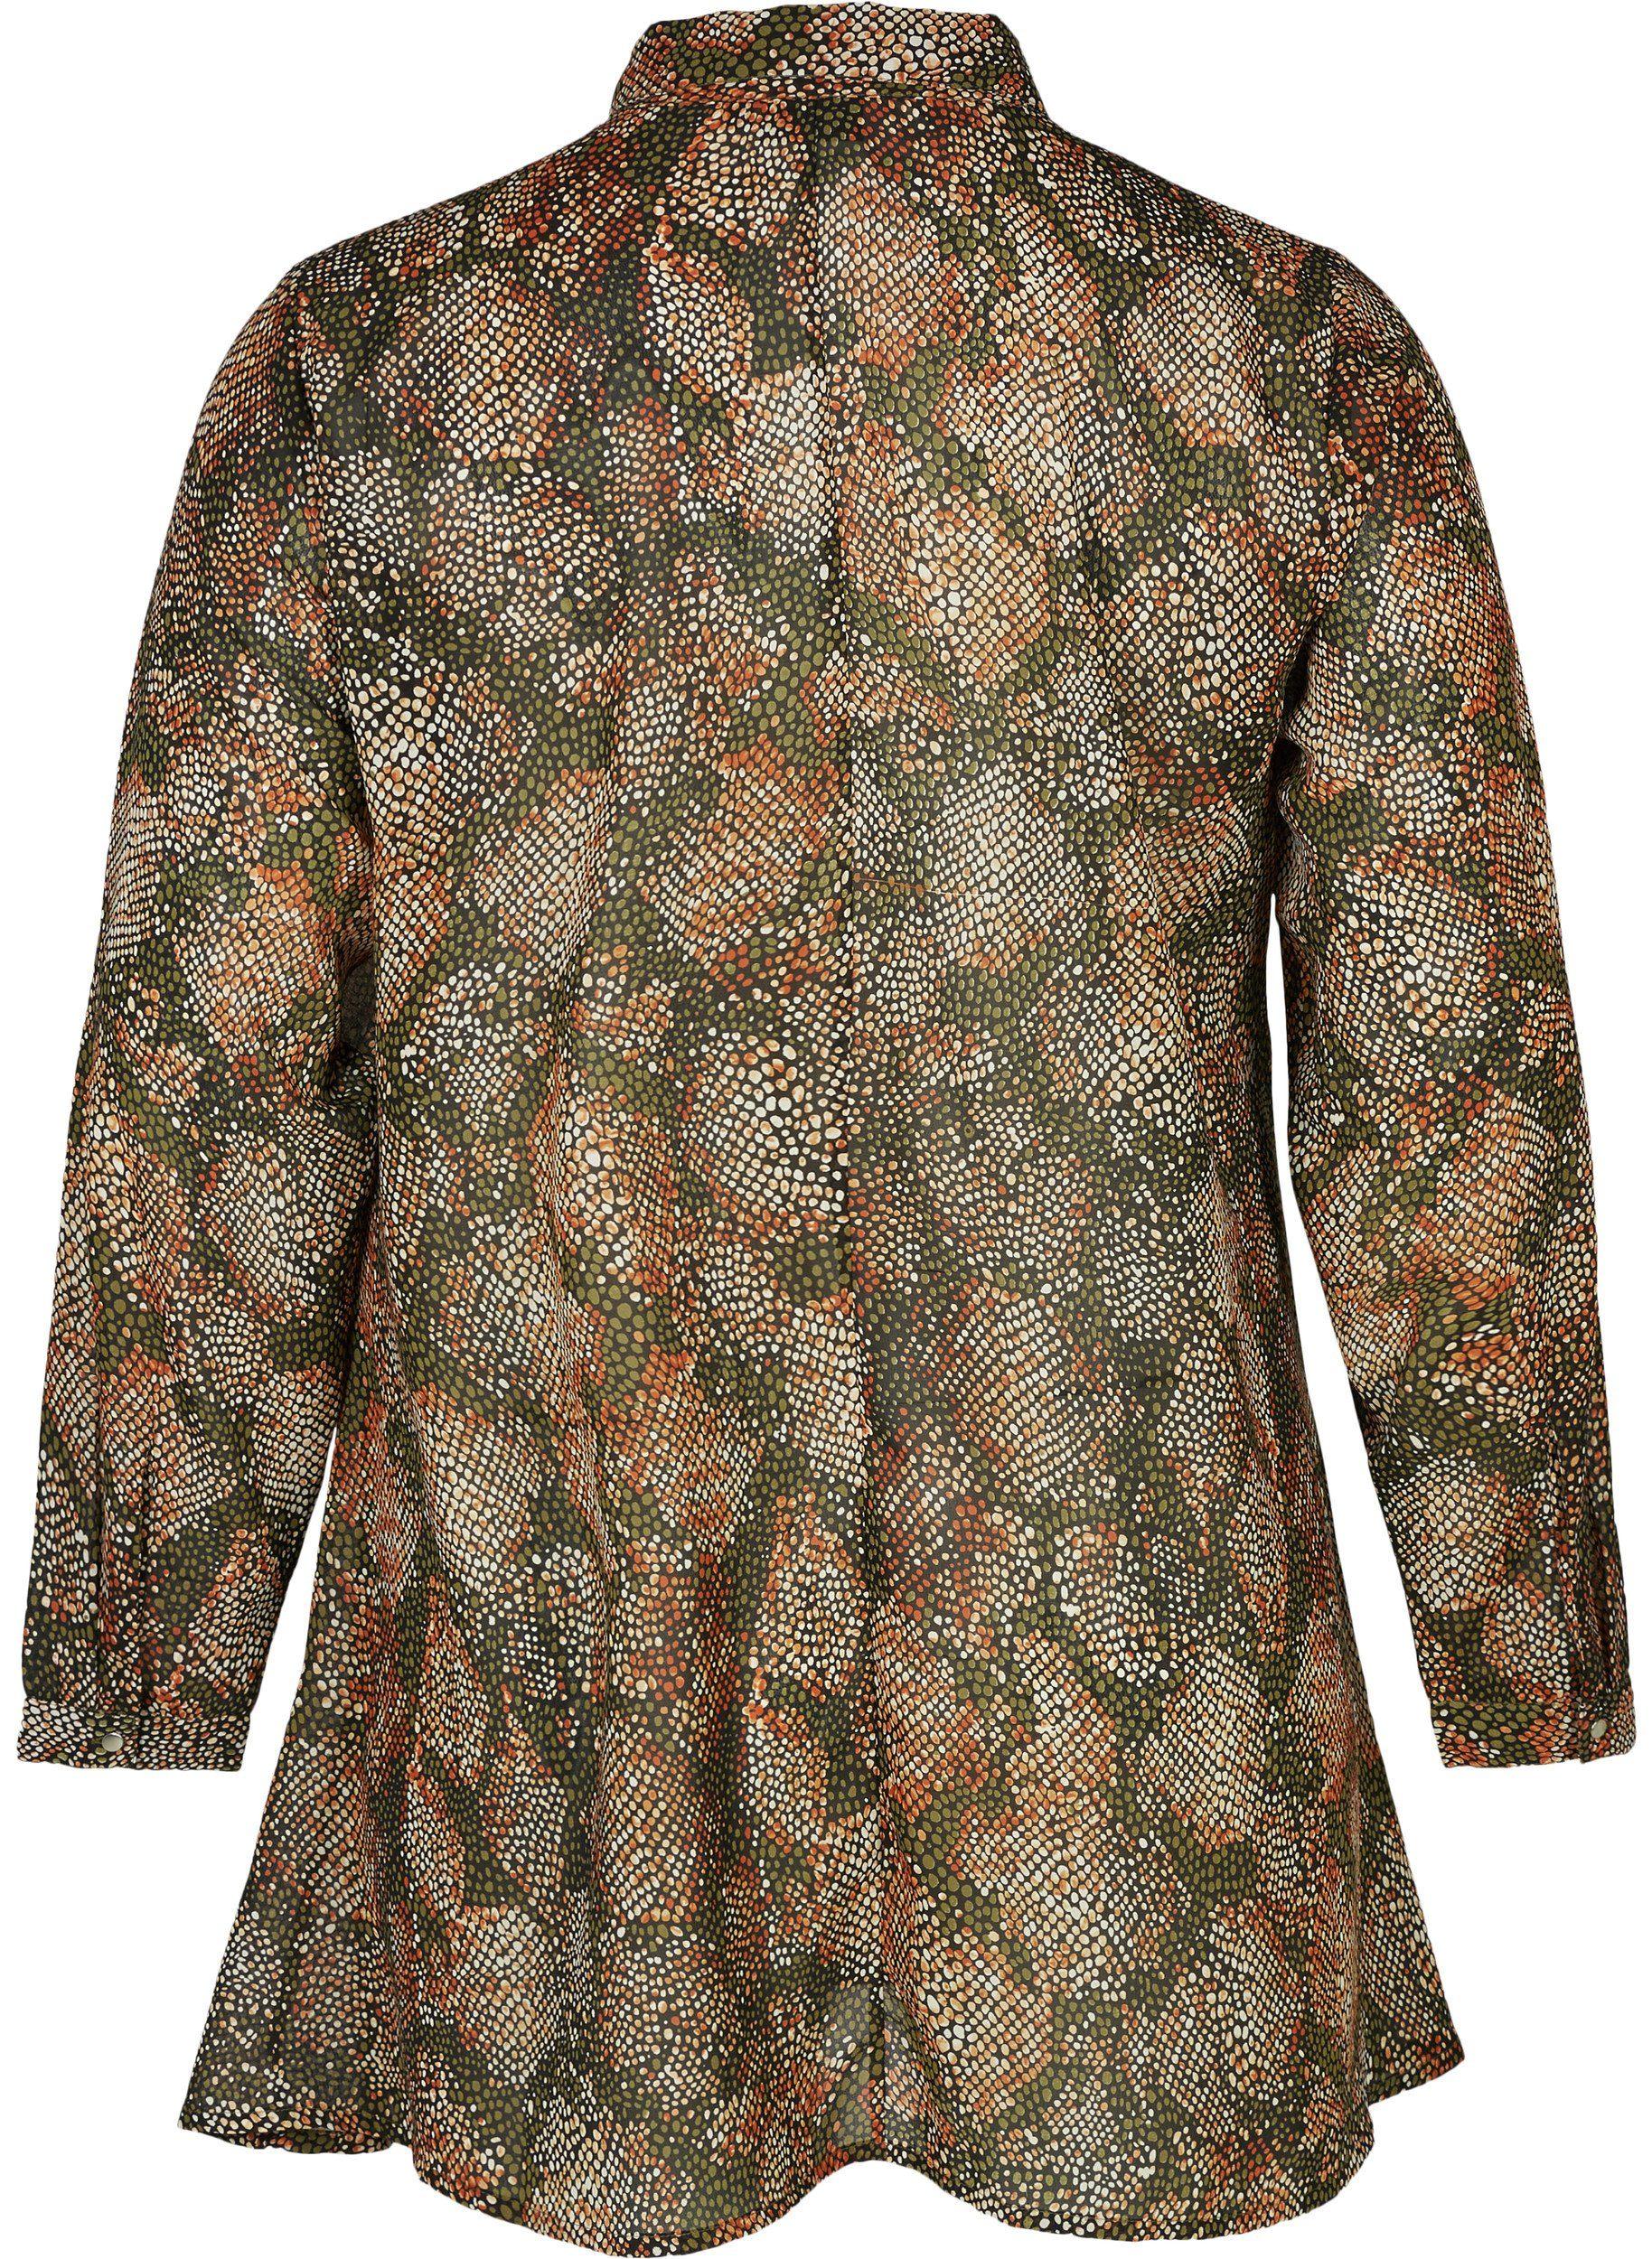 Größen Muster Zizzi Kaufen Große form A Online Tunika Damen Oberteil Langarm Kragen g6vYbyf7